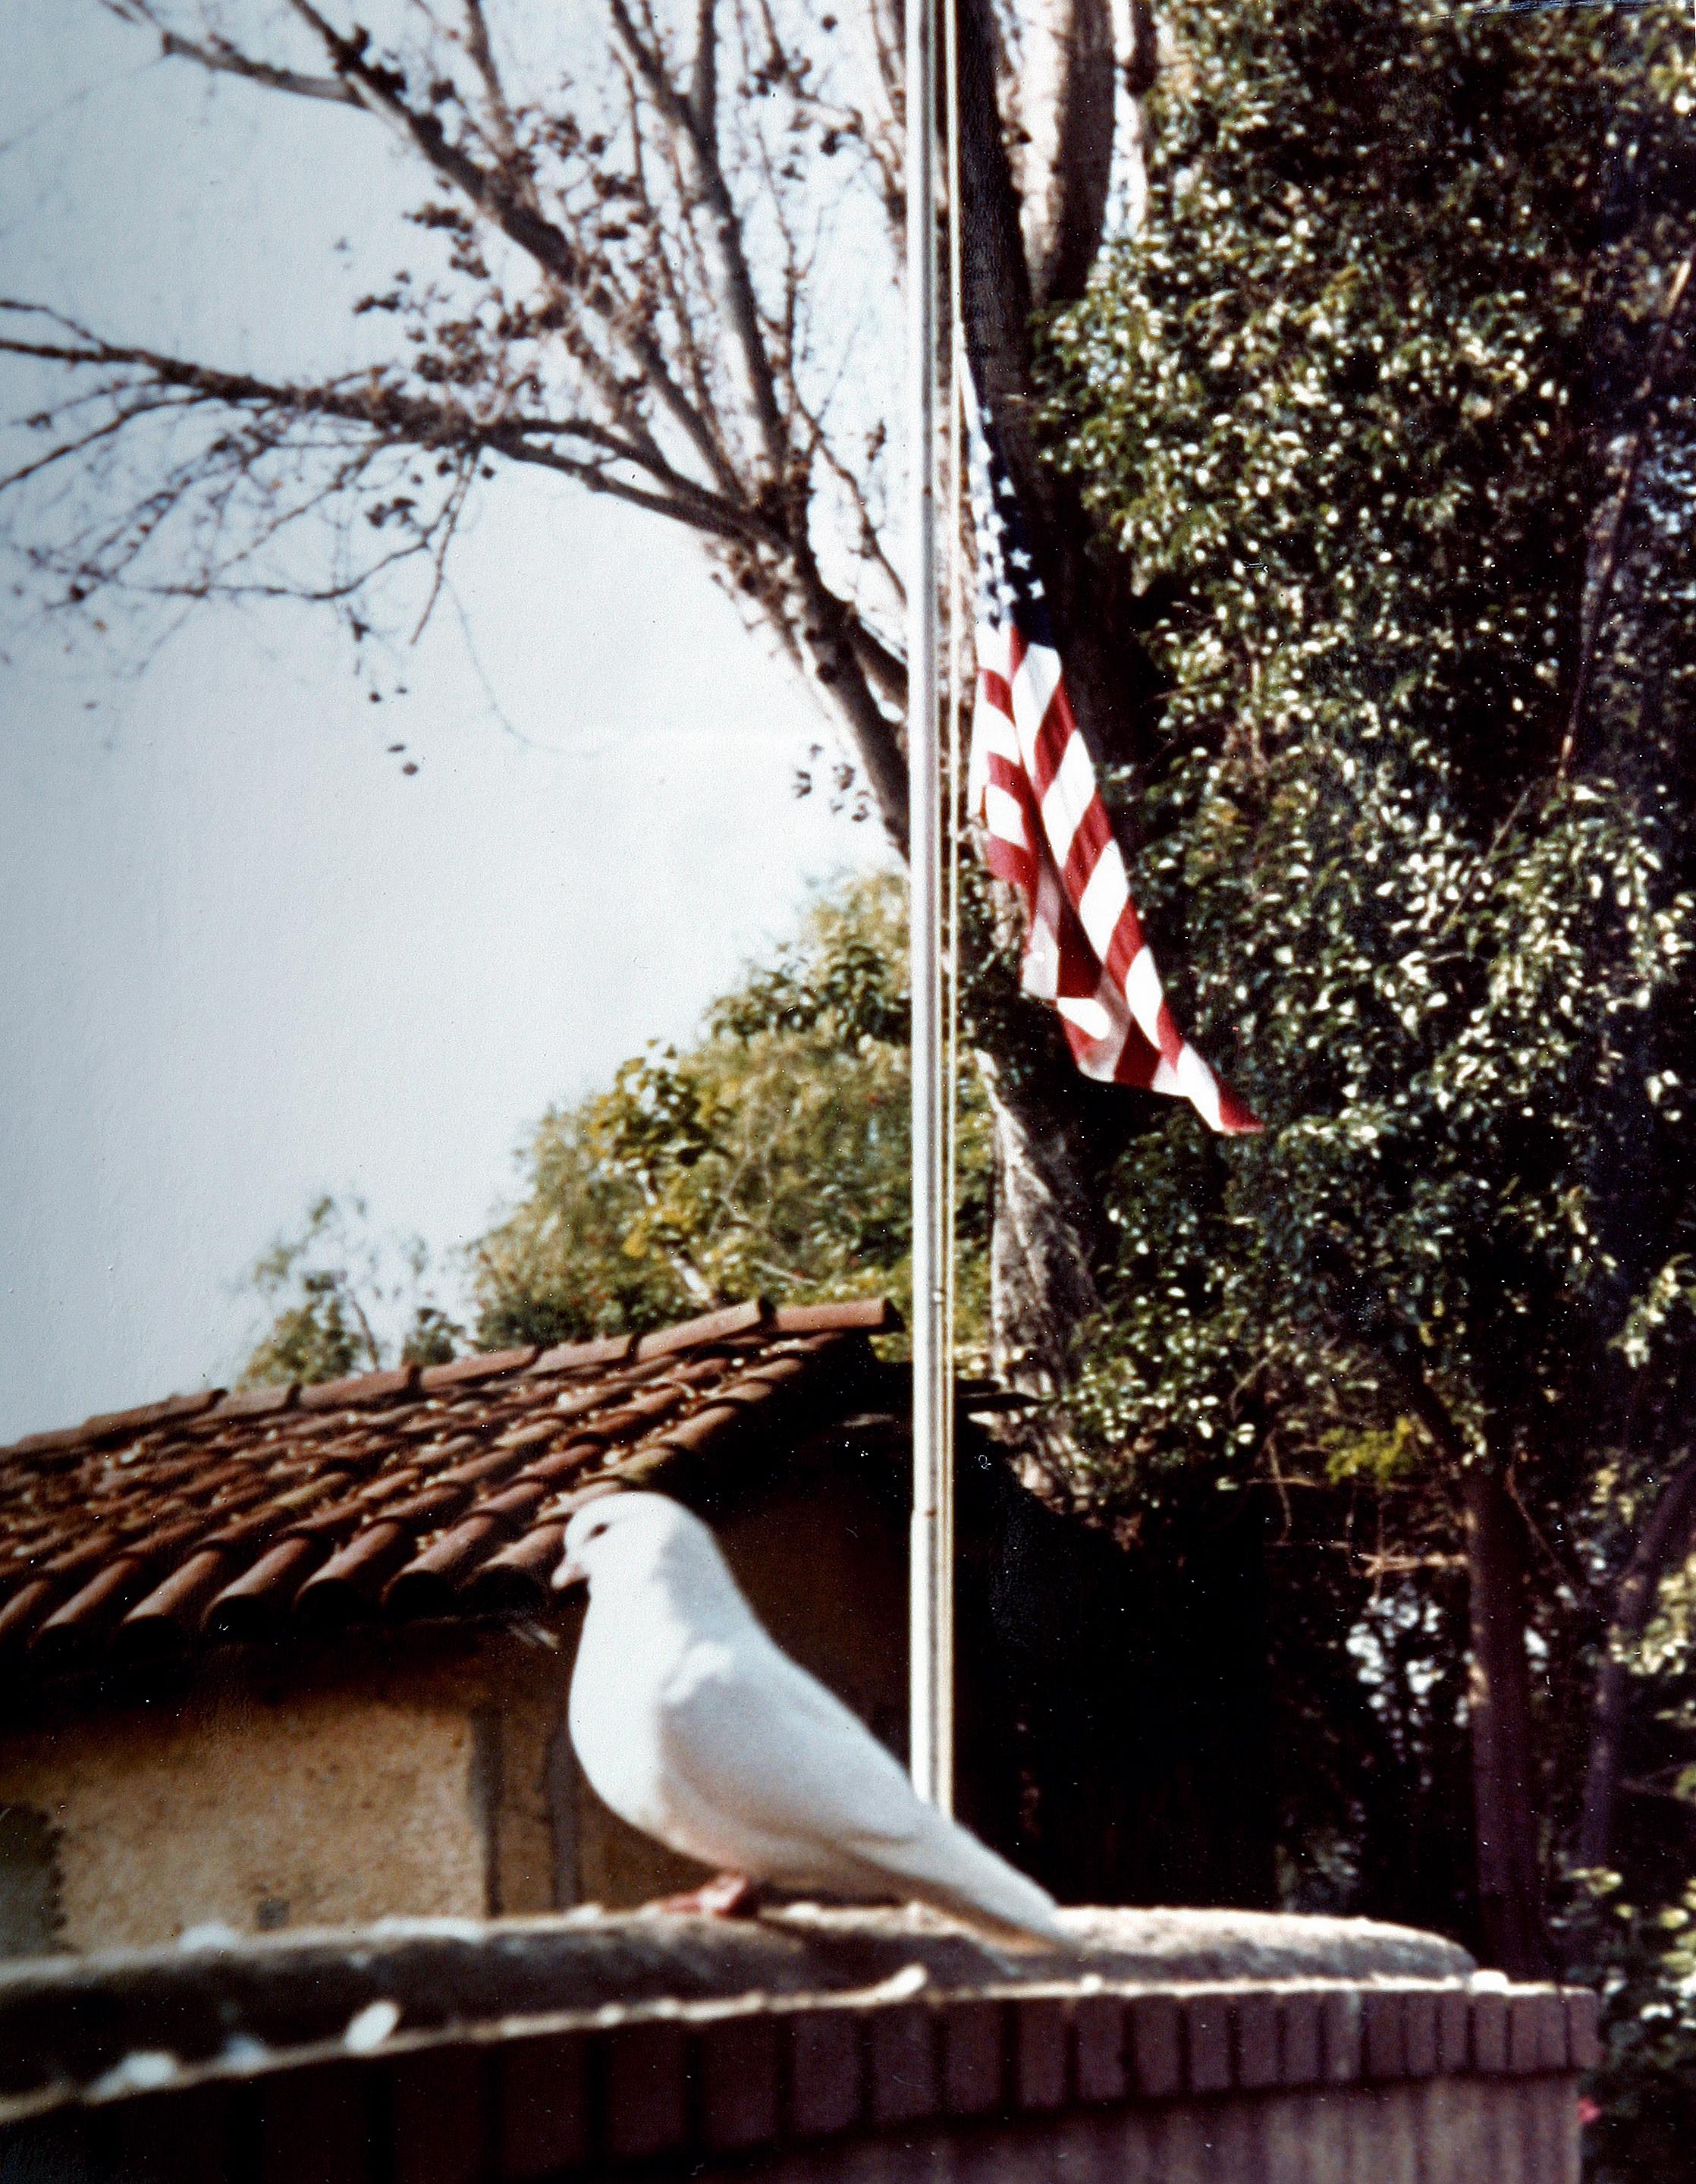 jfkbirdflag.jpg